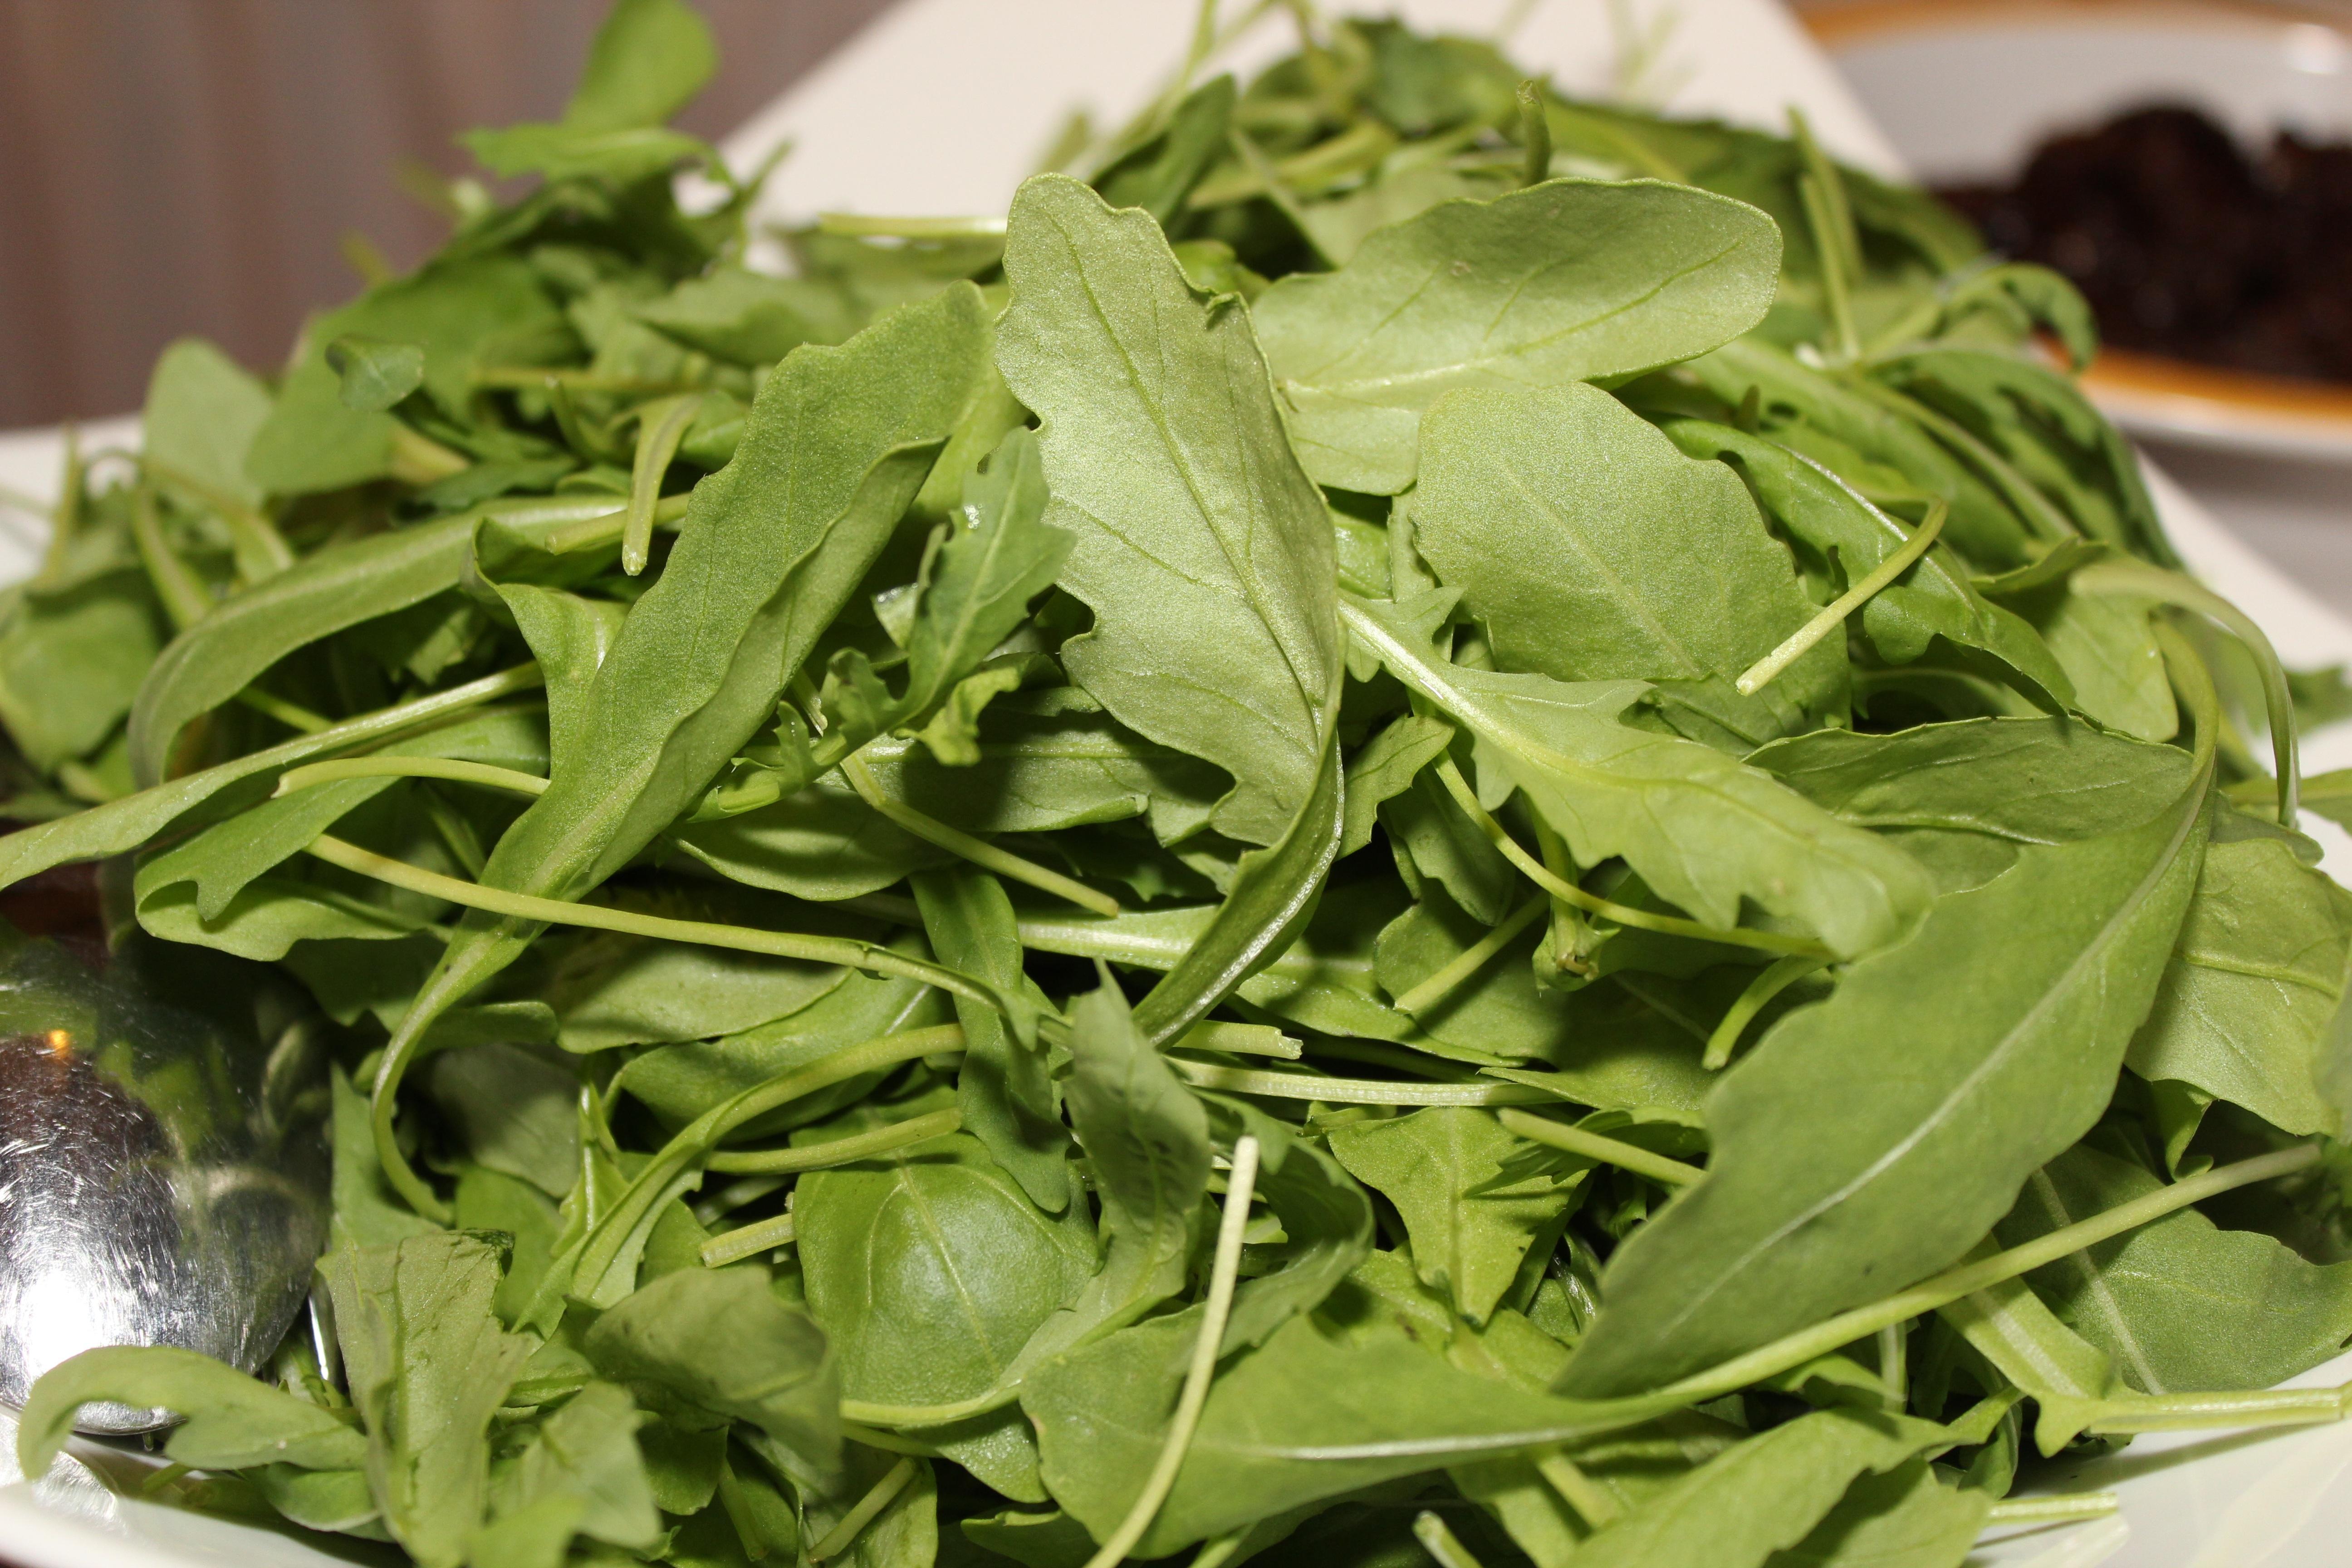 kostenlose foto gericht mahlzeit lebensmittel salat kraut produzieren gem se gesund. Black Bedroom Furniture Sets. Home Design Ideas